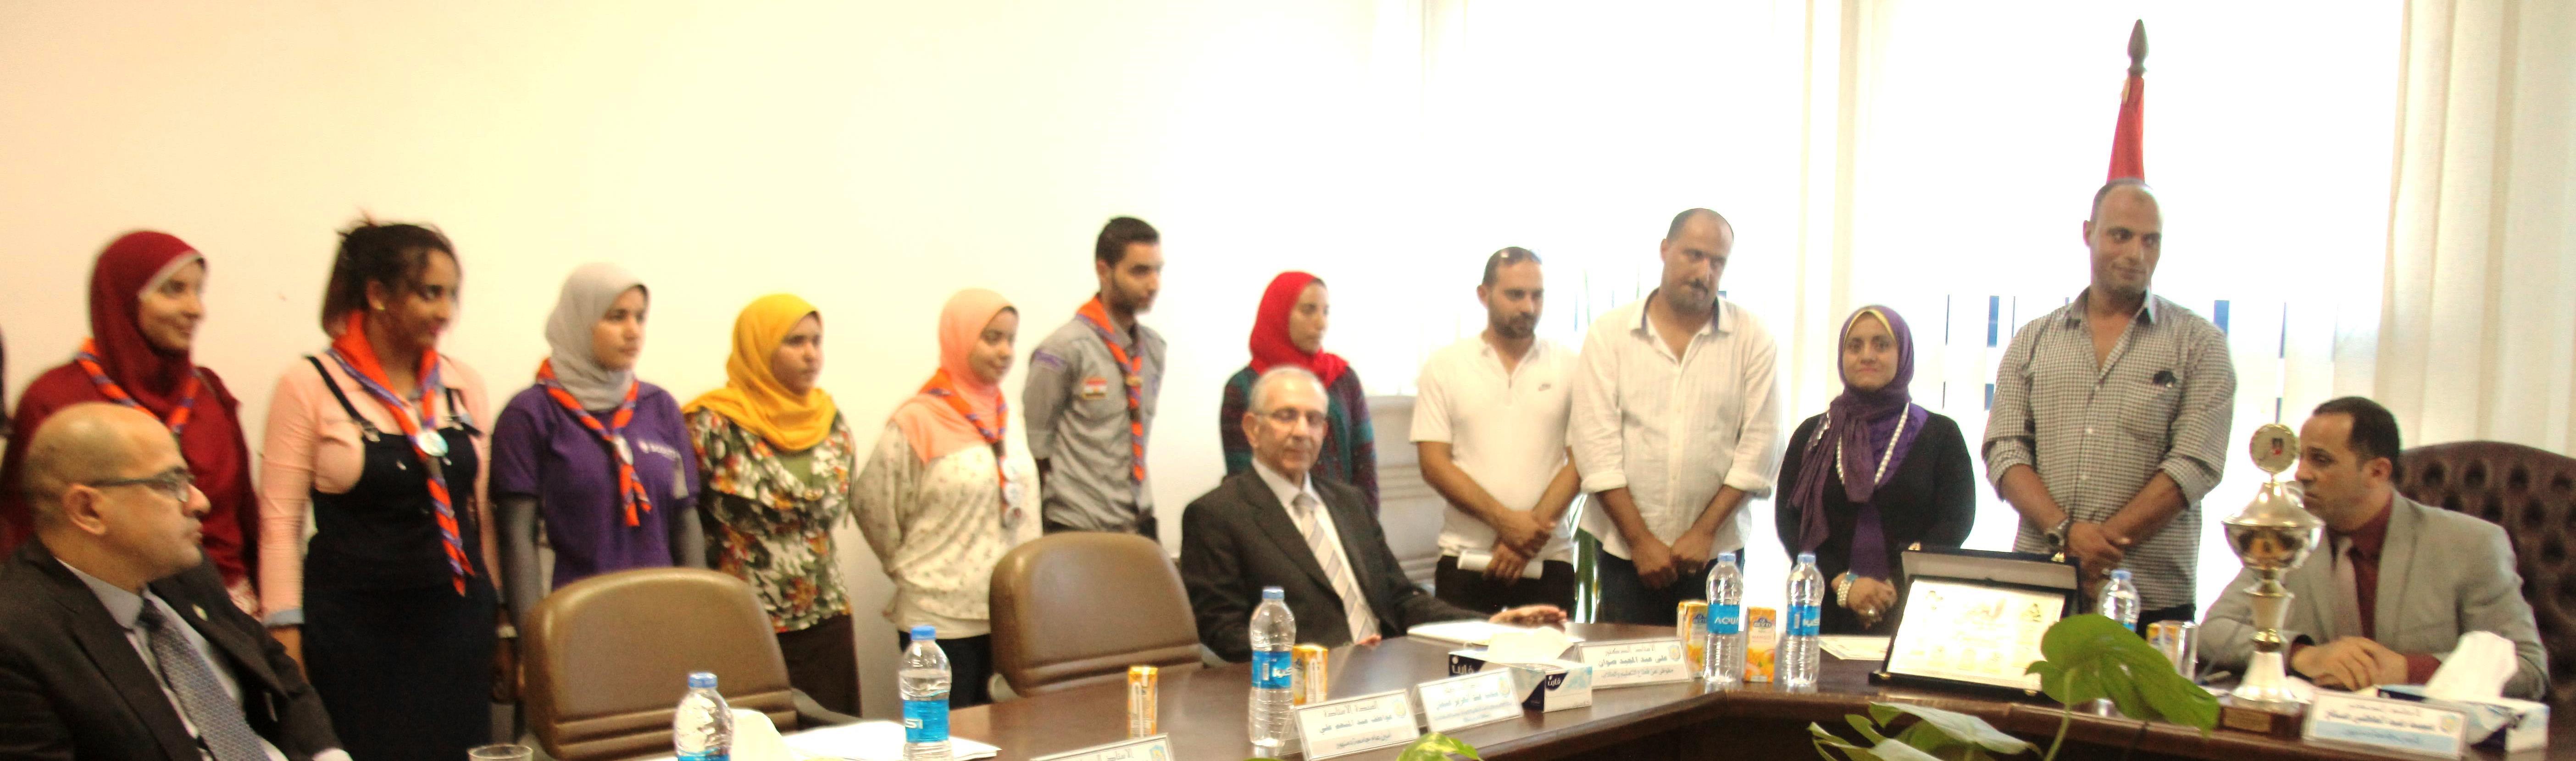 جامعة دمنهور تحصل على المركز الأول على مستوى الجامعات المصرية  4